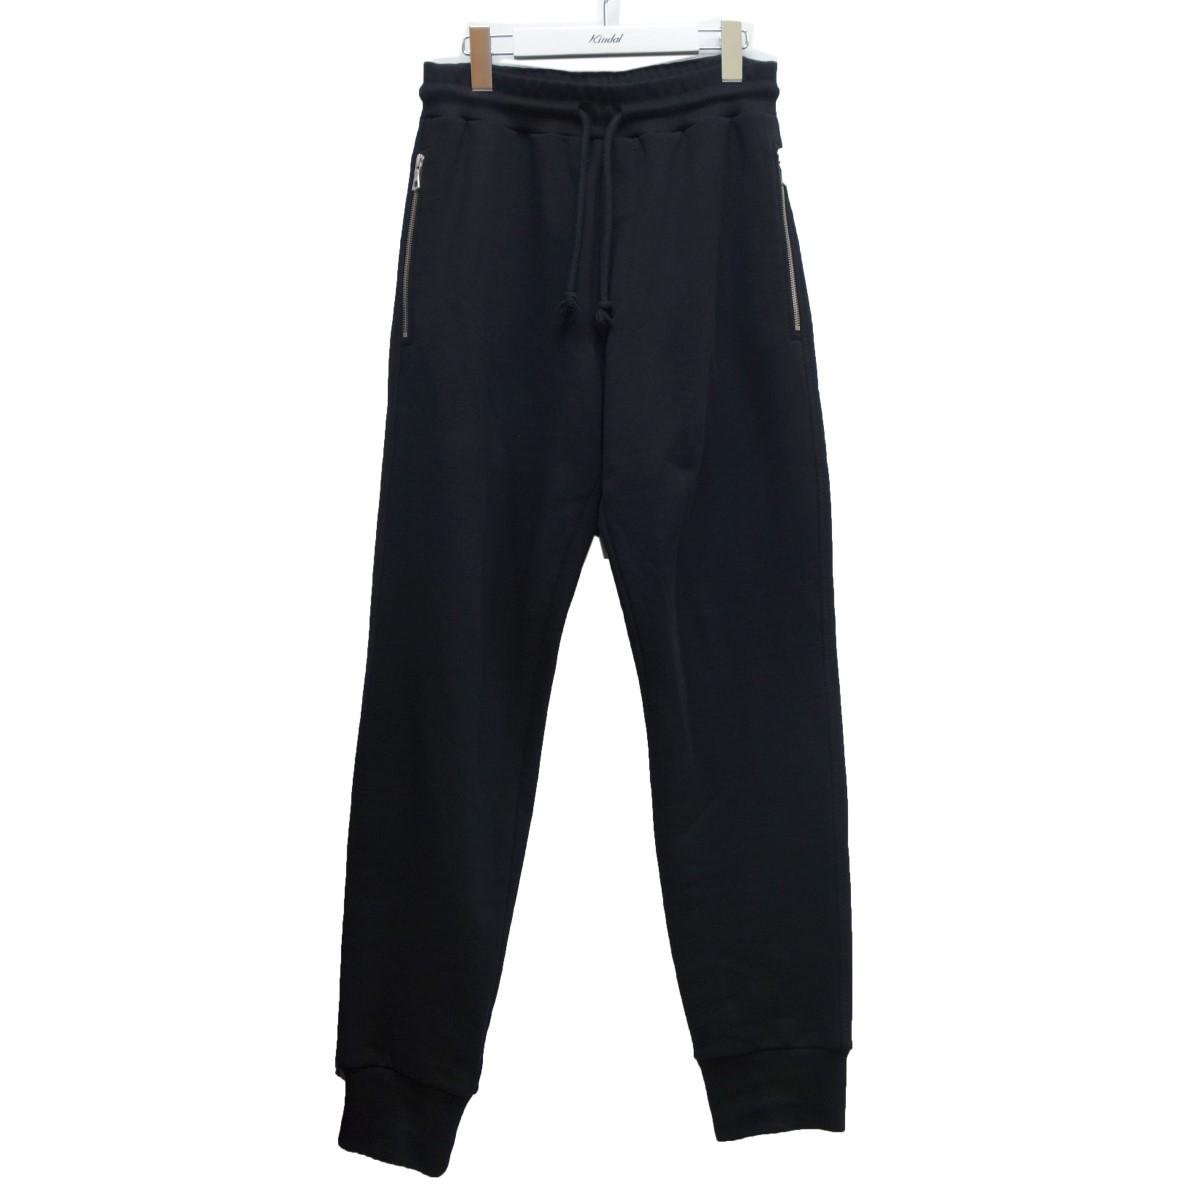 【中古】DRIES VAN NOTEN ジップポケットスウェットパンツ ブラック サイズ:S 【250920】(ドリスヴァンノッテン)